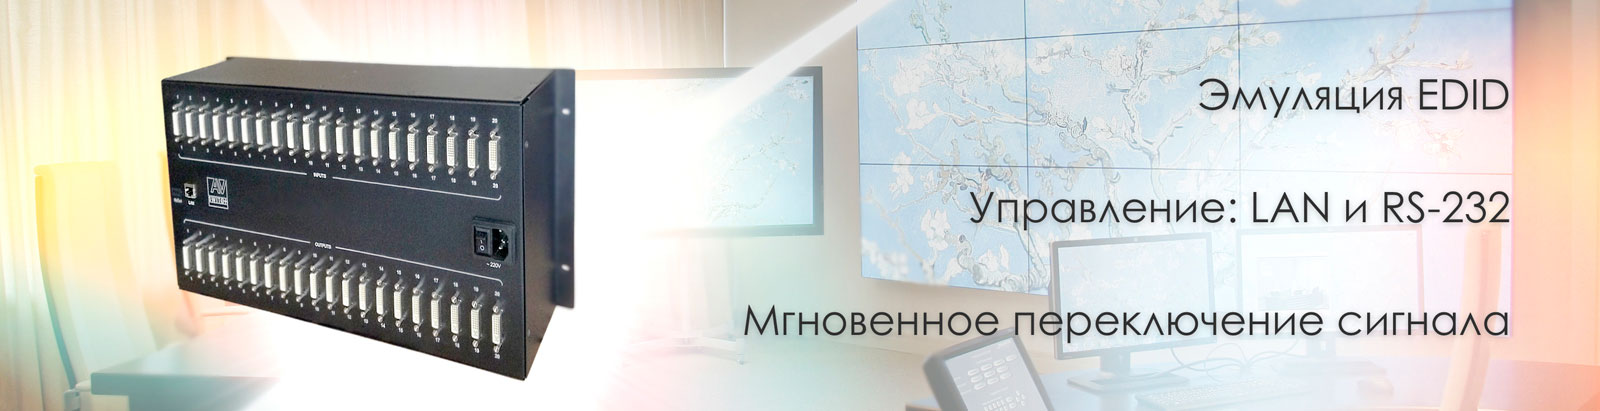 AV Production-MS-MD-12x12